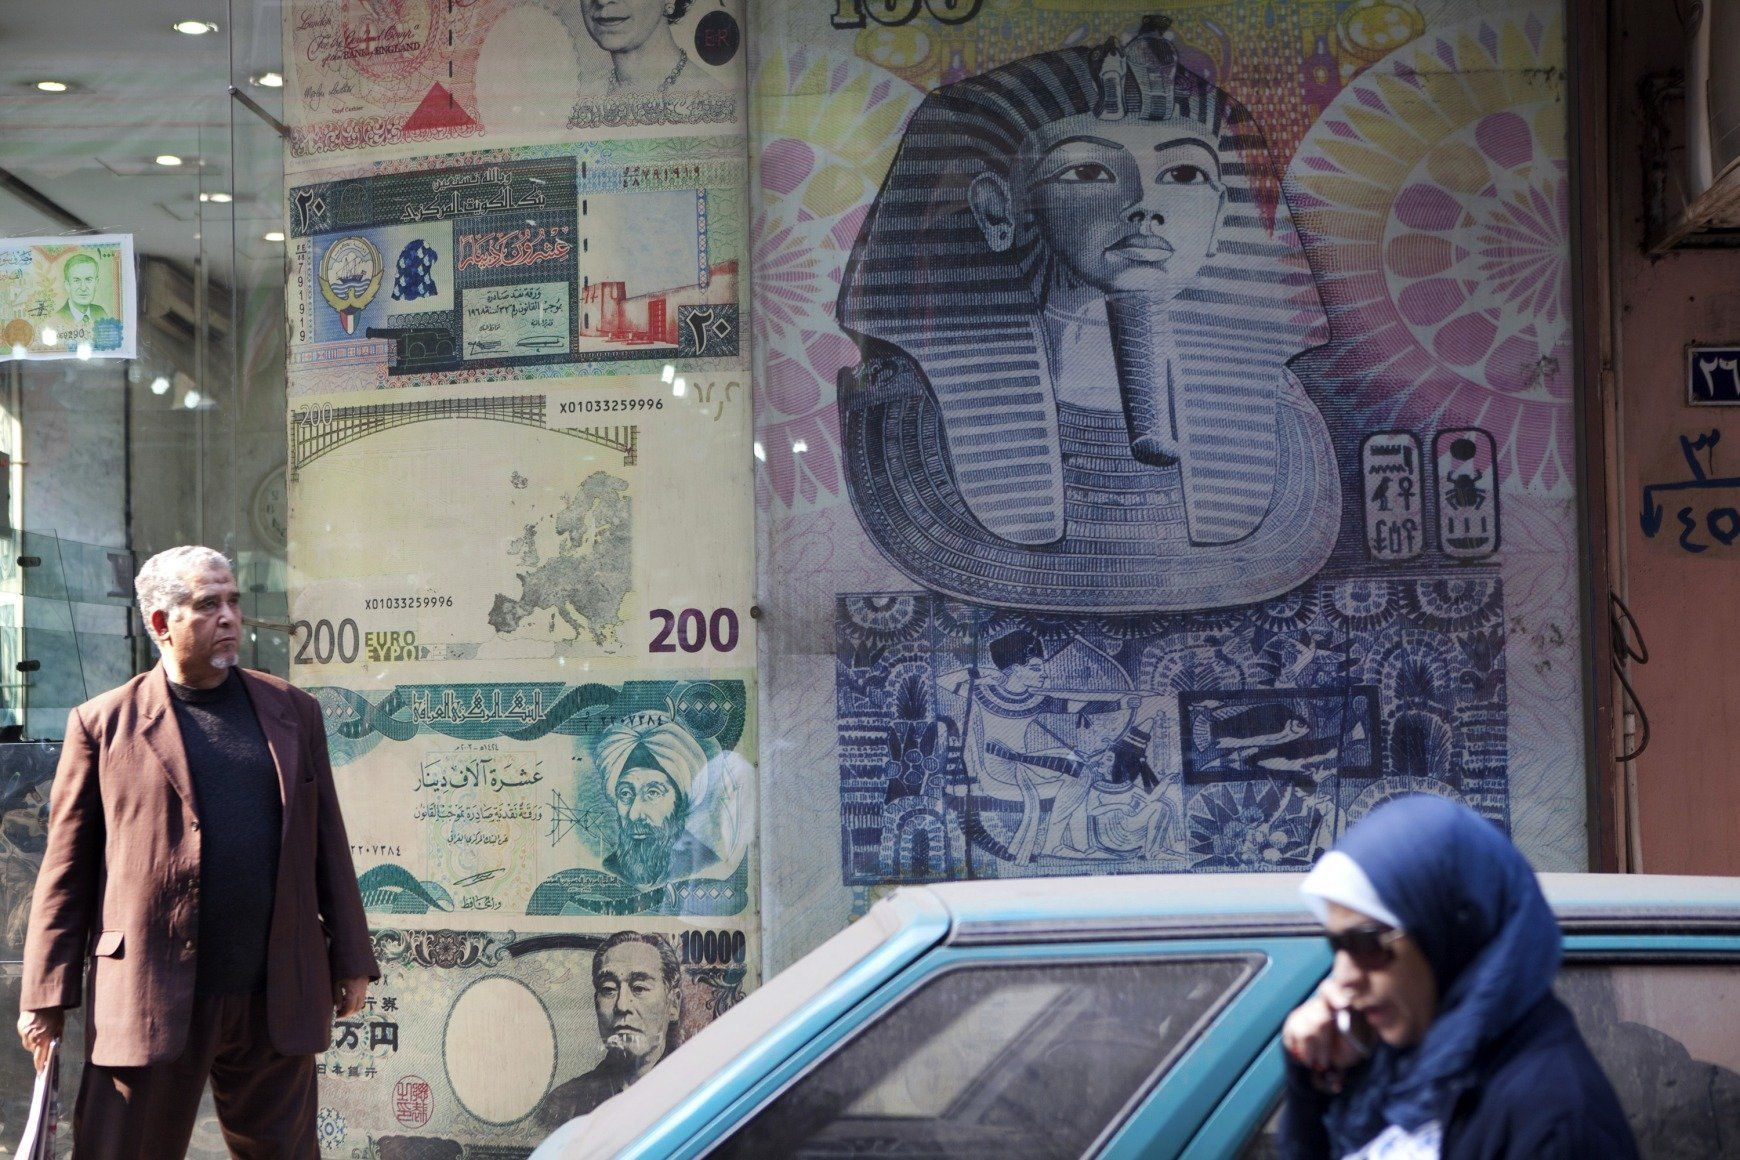 Σύλληψη συγγραφέα στην Αίγυπτο και κατάσχεση του βιβλίου του που επέκρινε οικονομική πολιτική της